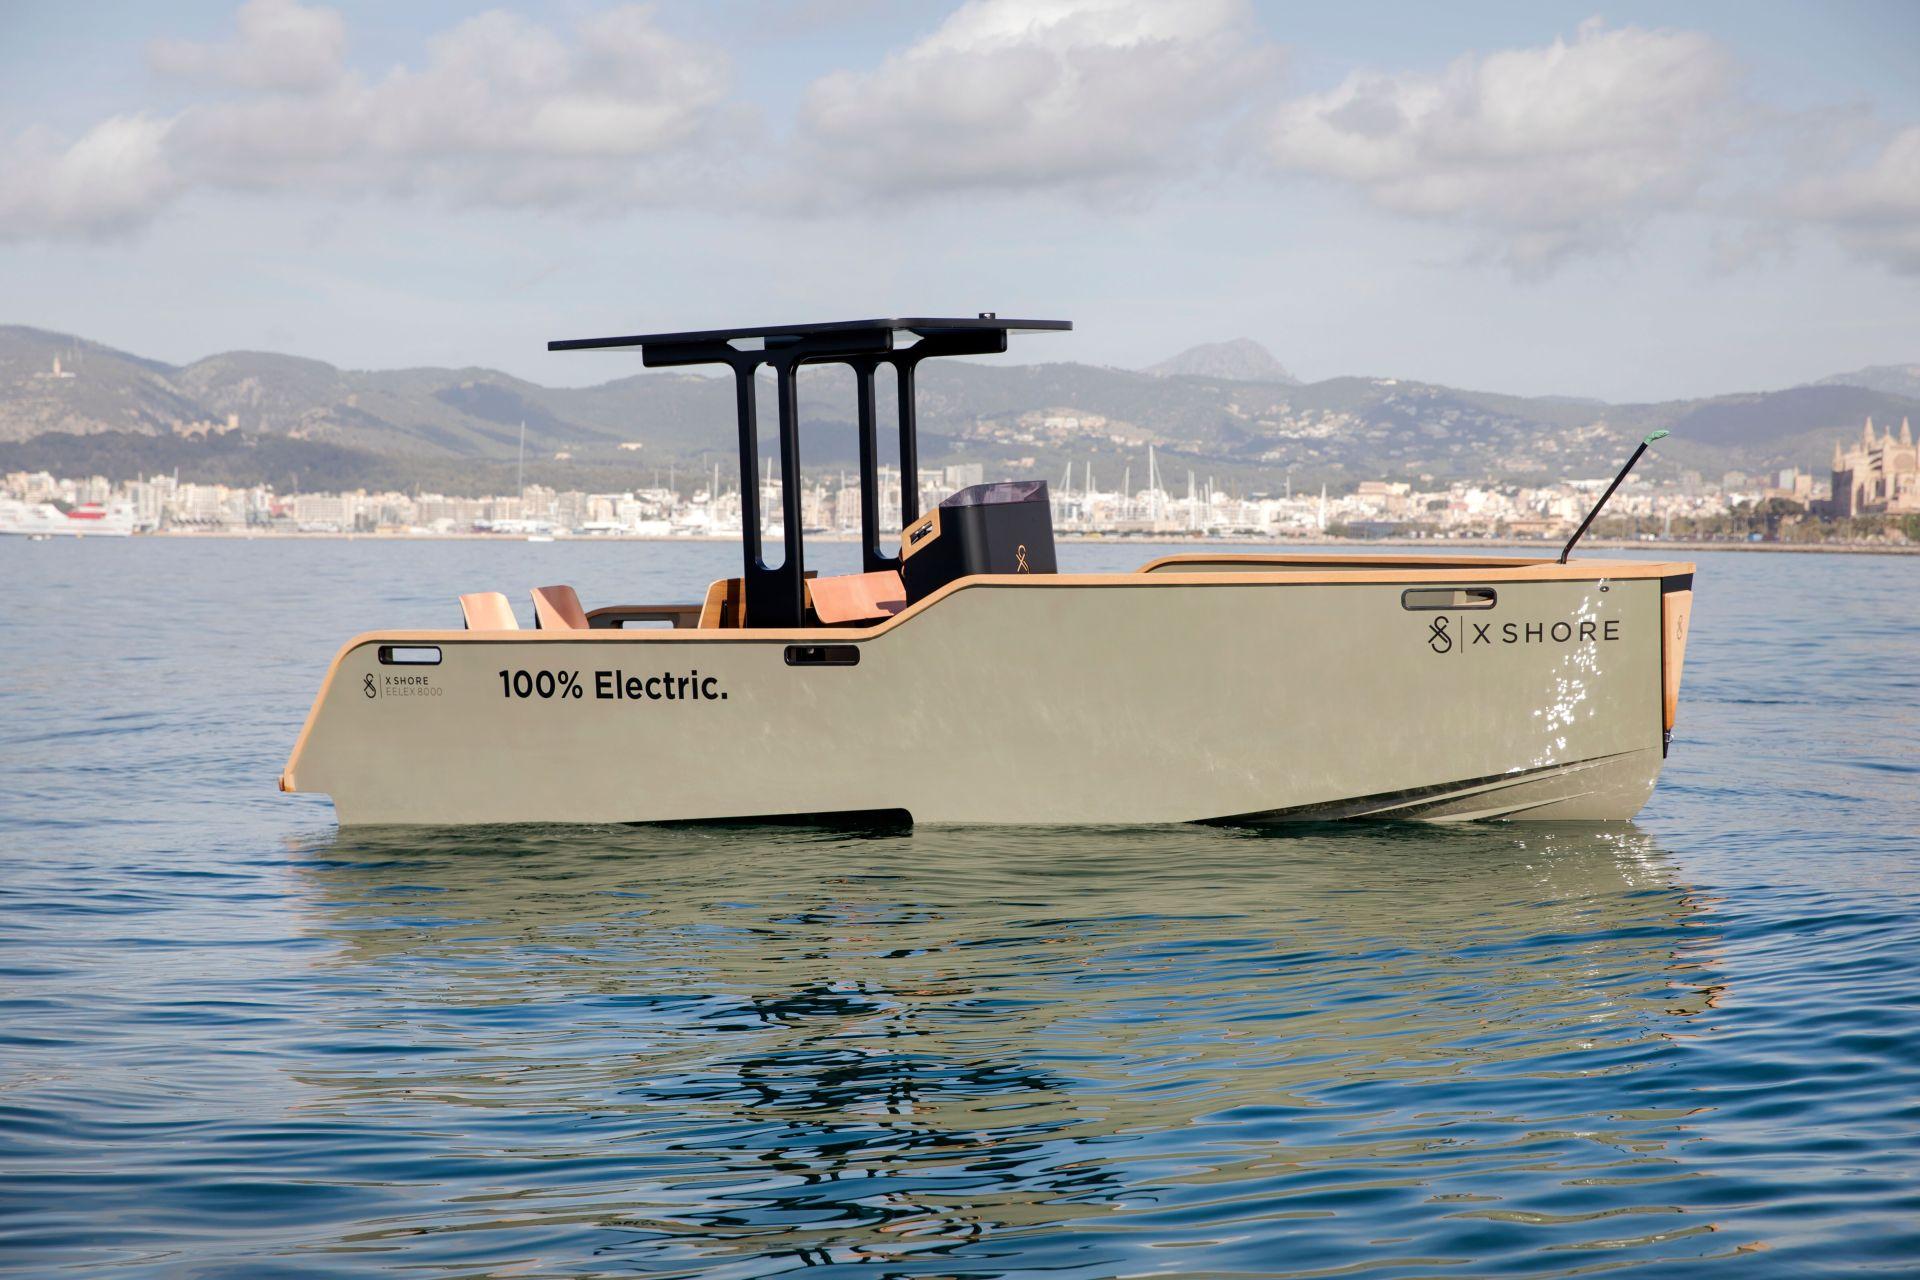 Шведский стартап X Shore представил электролодку Eelex 8000, которую окрестил «водоплавающей Tesla»